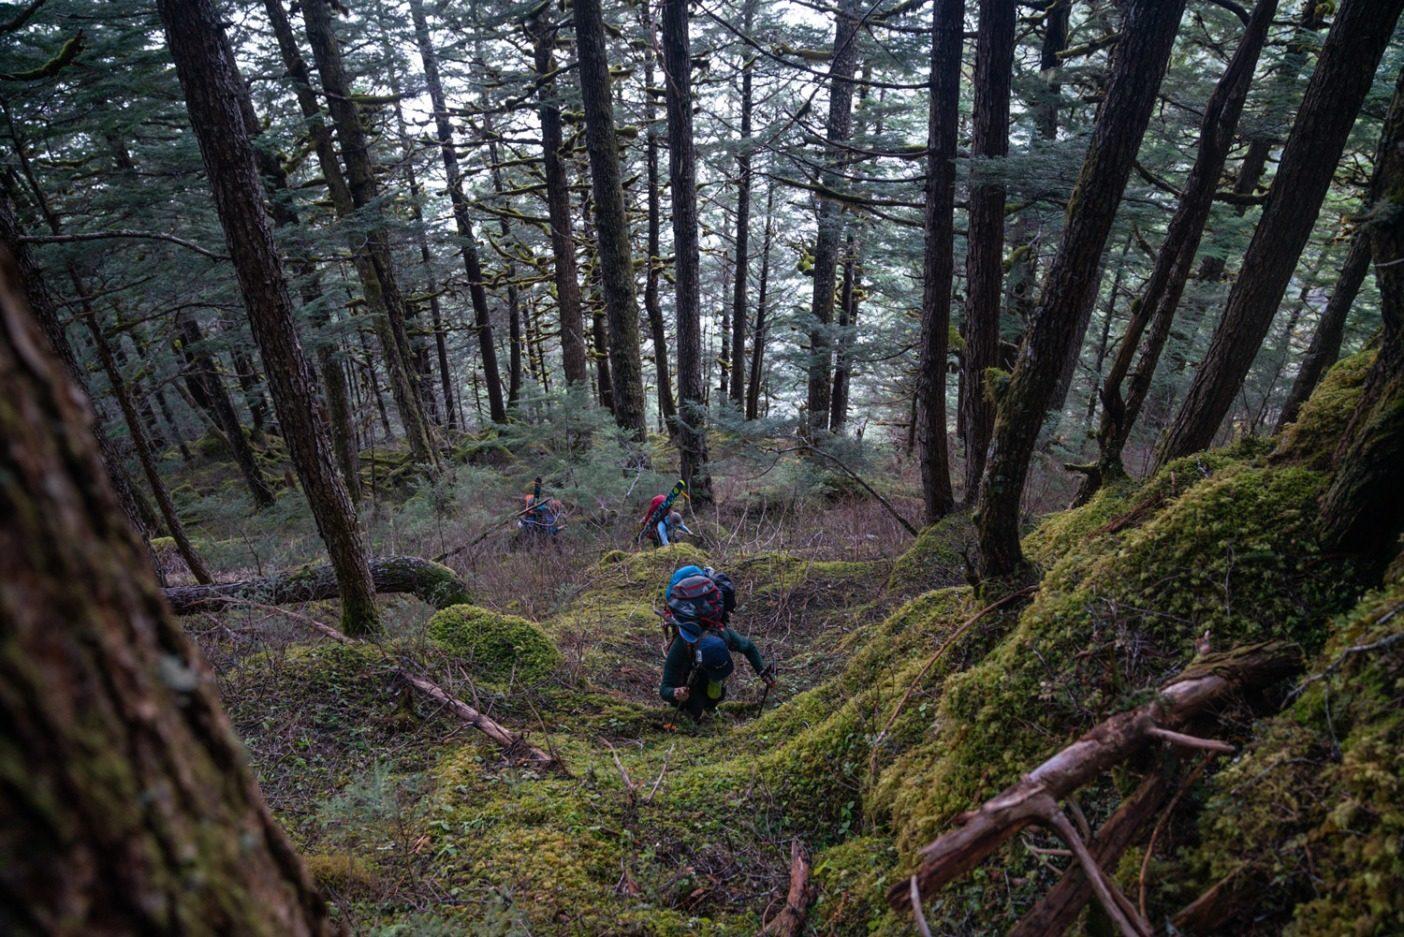 スティキーンの高山への登りがスムーズにいくことはめったにない。凍結した土、老木の森、ハンノキ、技術を要するスキニング、そして急峻な地形が滑降場所への到達を困難にする。Photo: Jasper Gibson